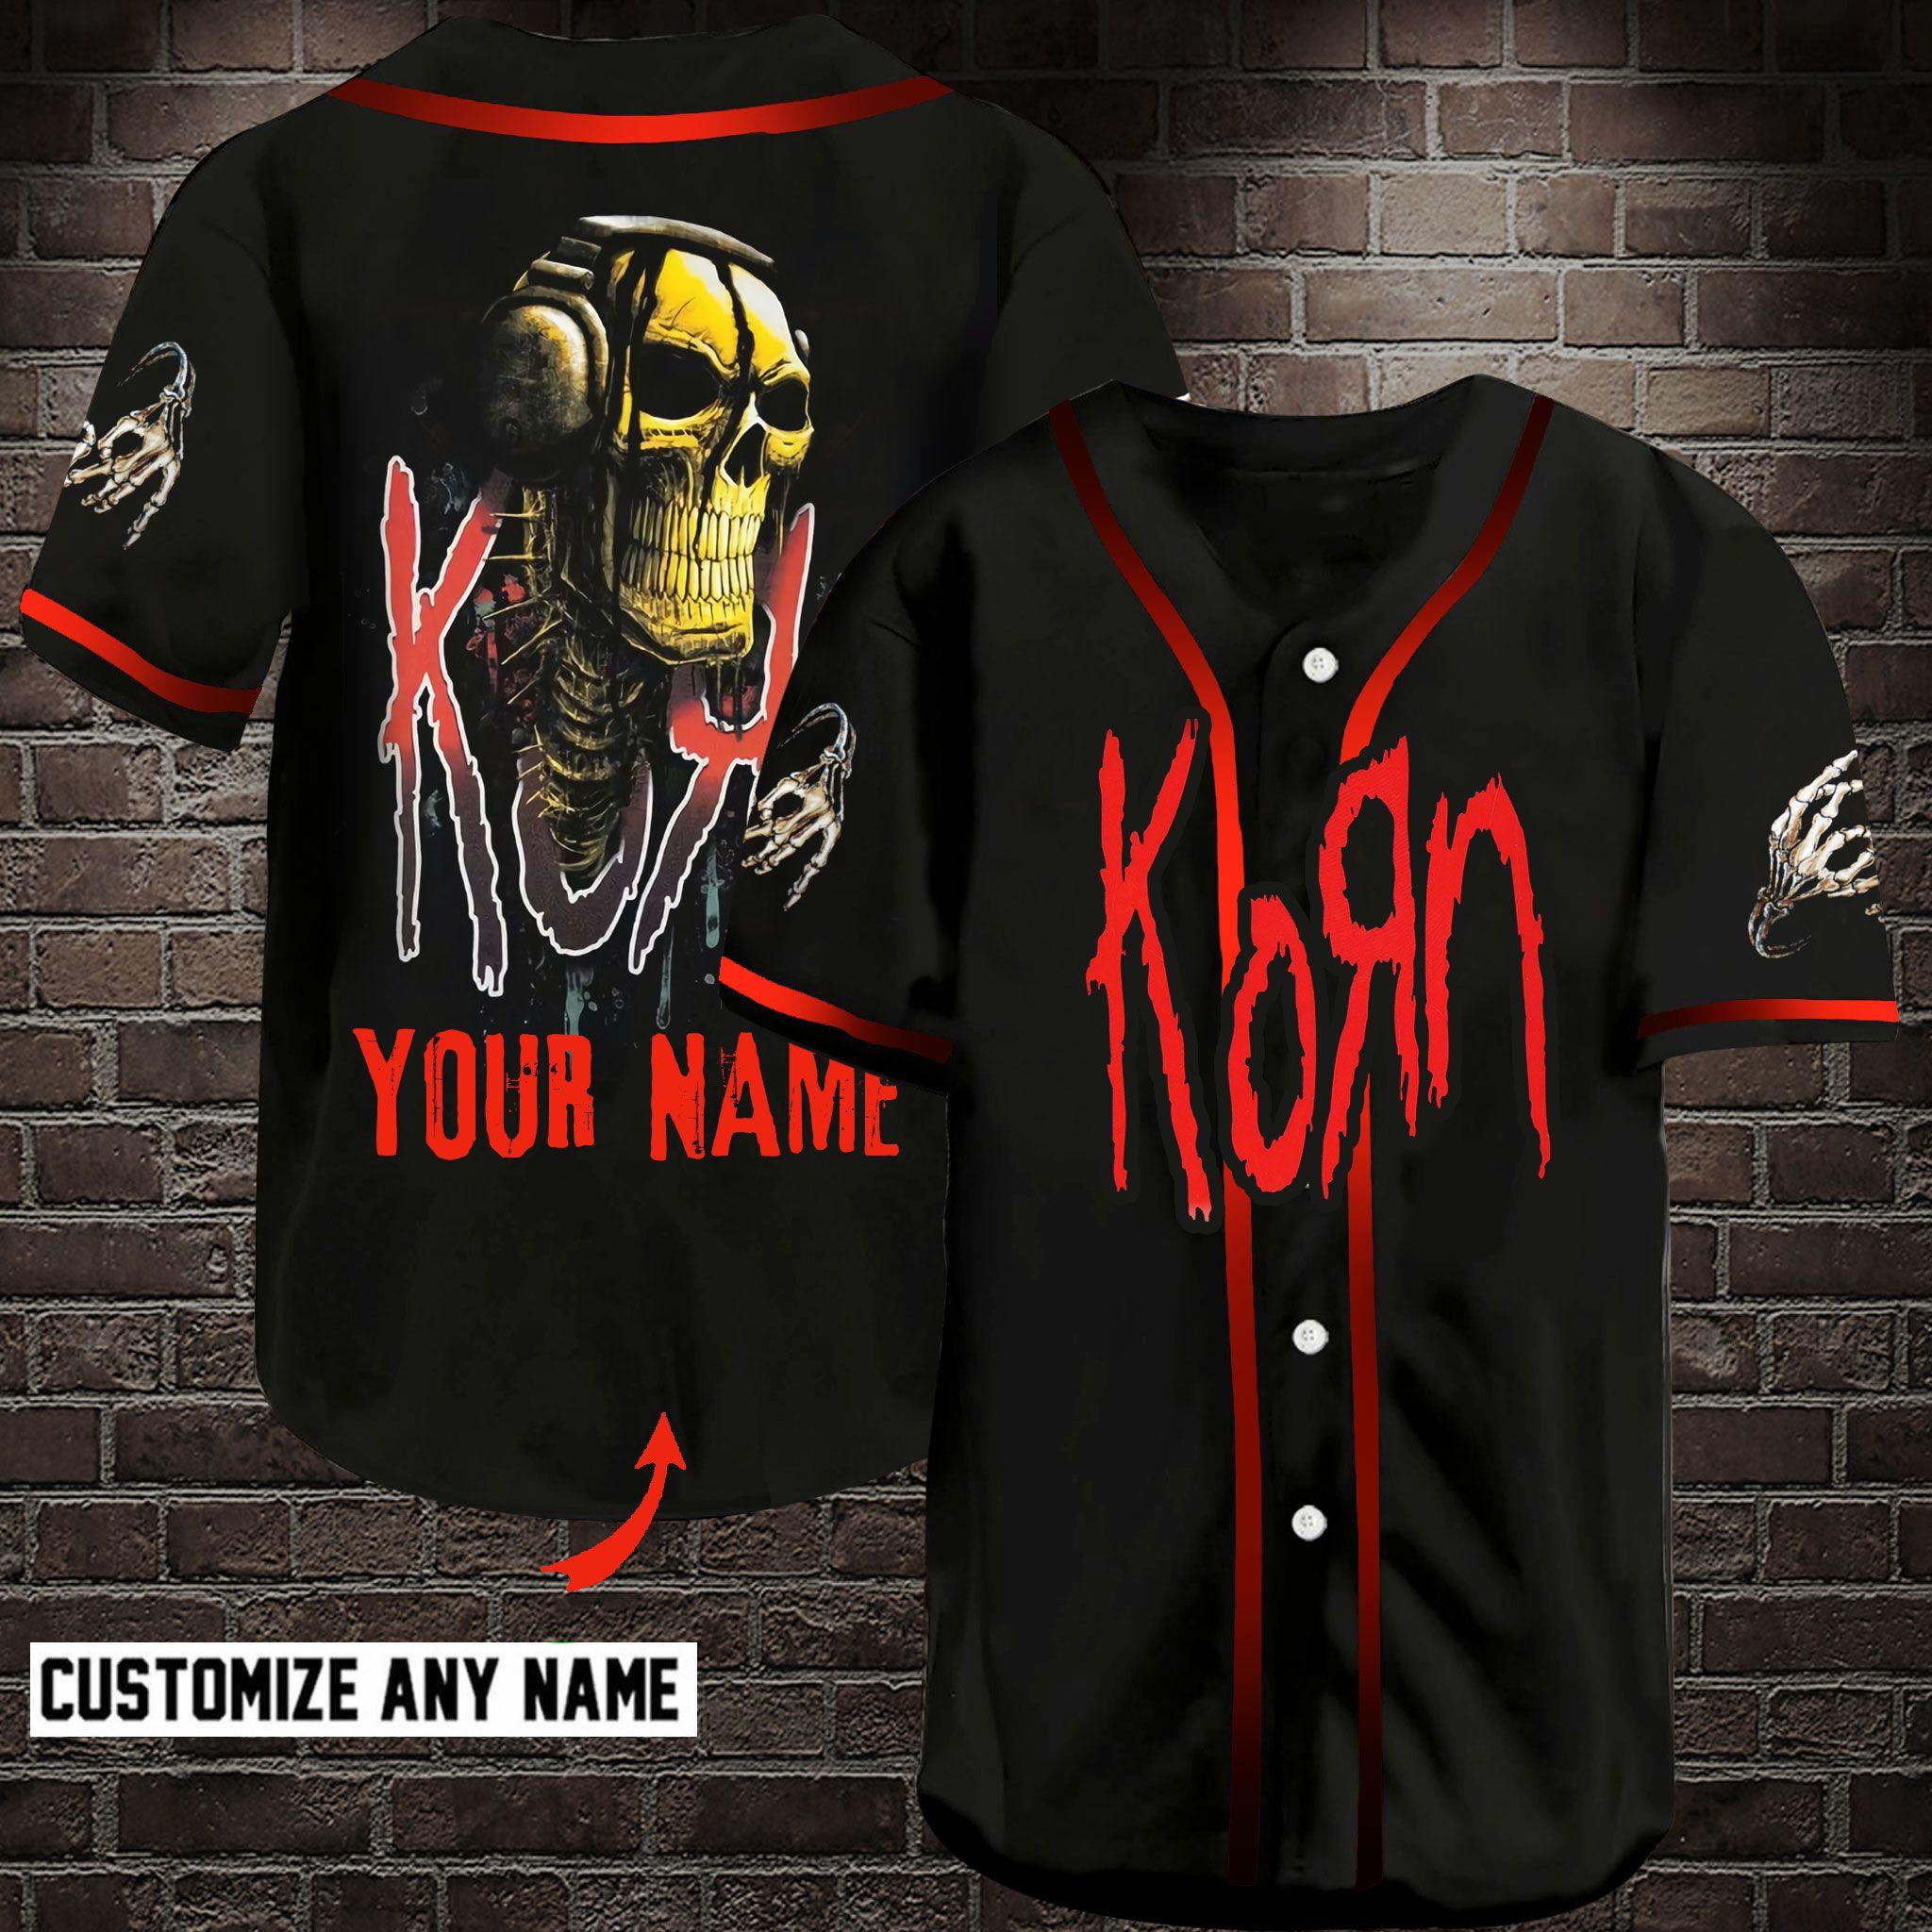 Korn Band Customize Name Baseball Jersey Shirt